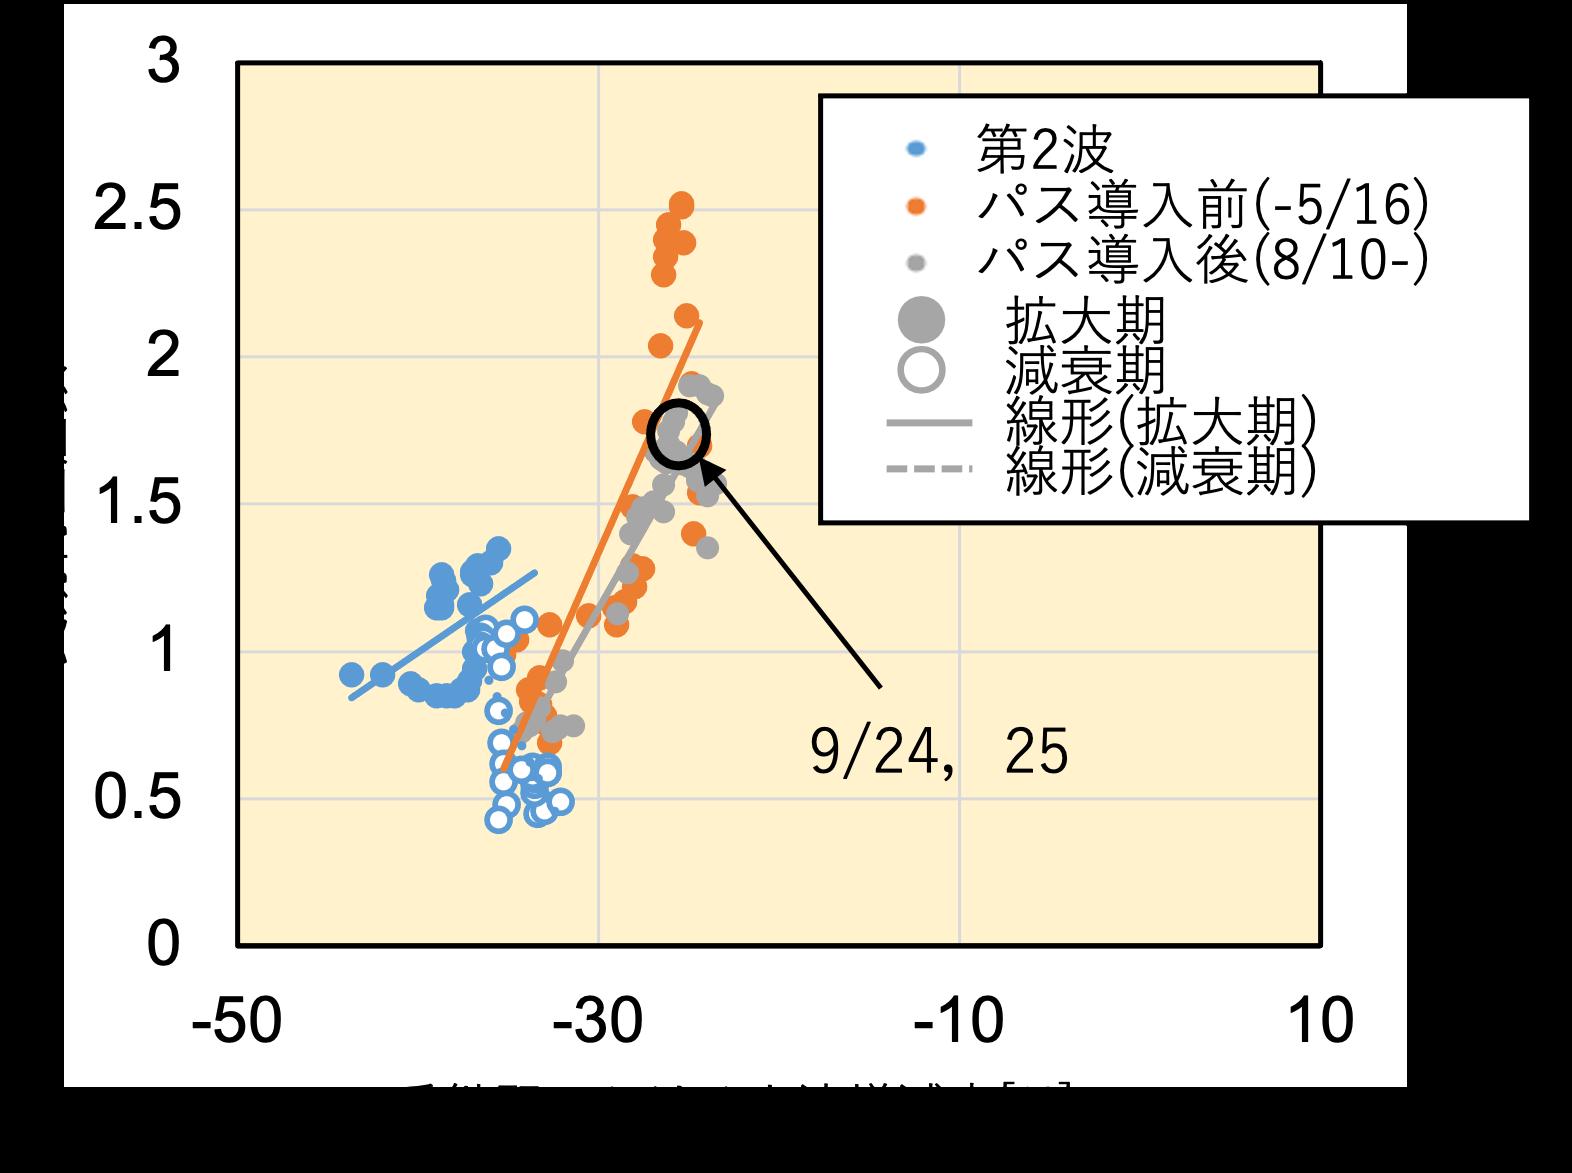 シンガポールにおける分析(9/27現在)